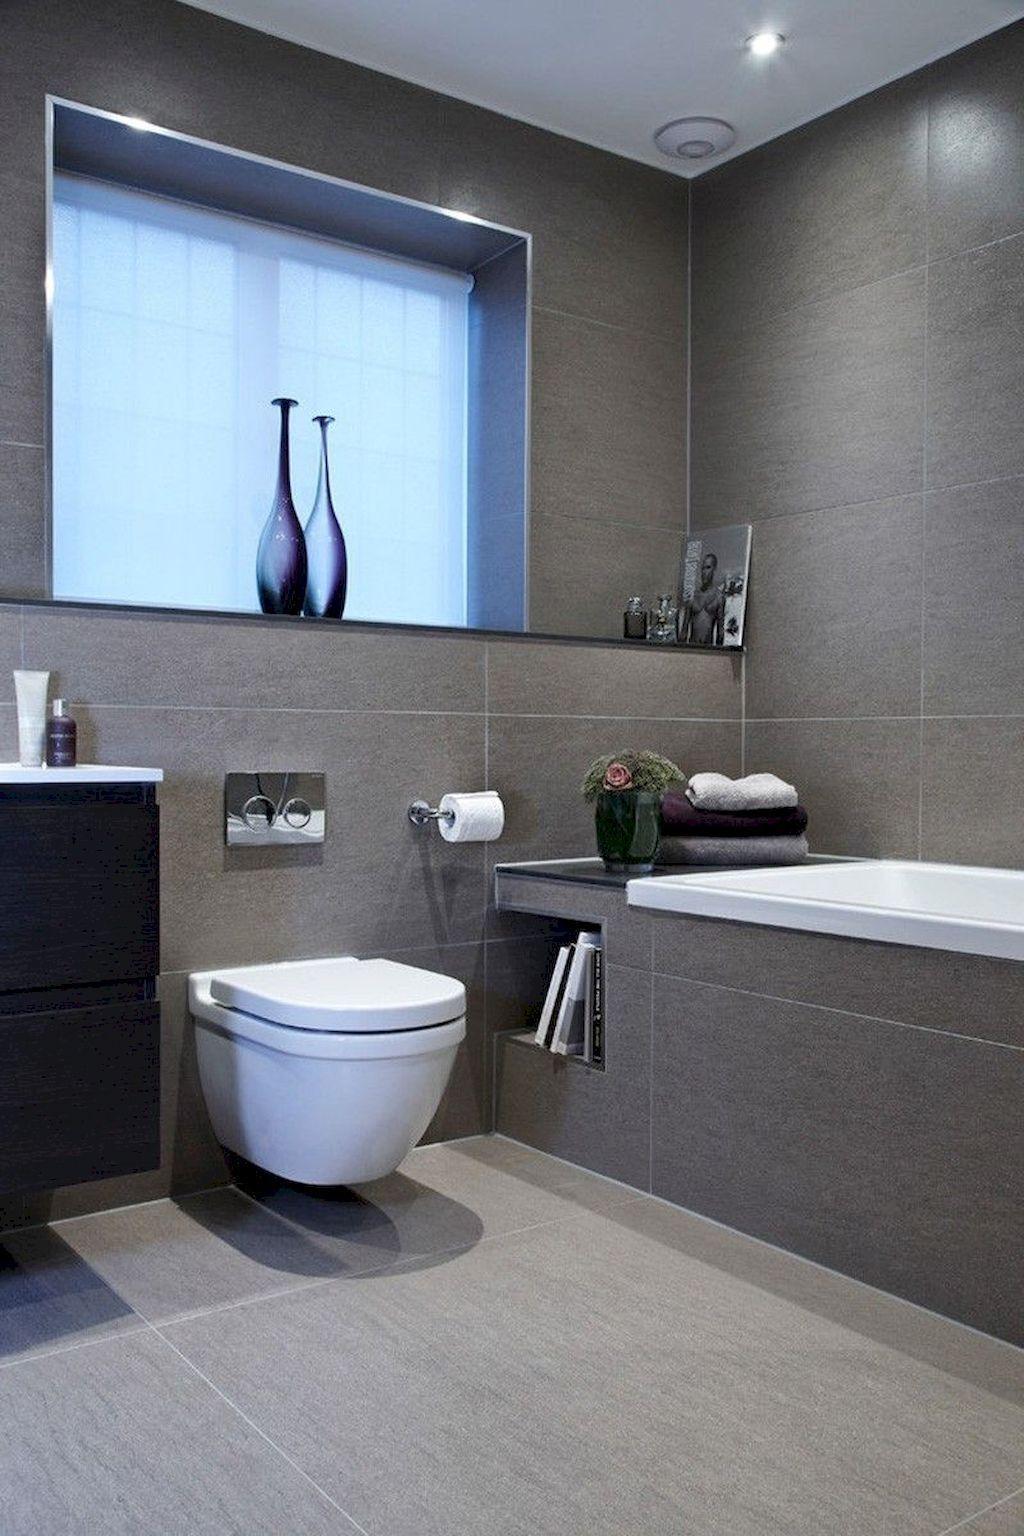 Pin von Annika auf Wohnen  Pinterest  Badezimmer Bad und